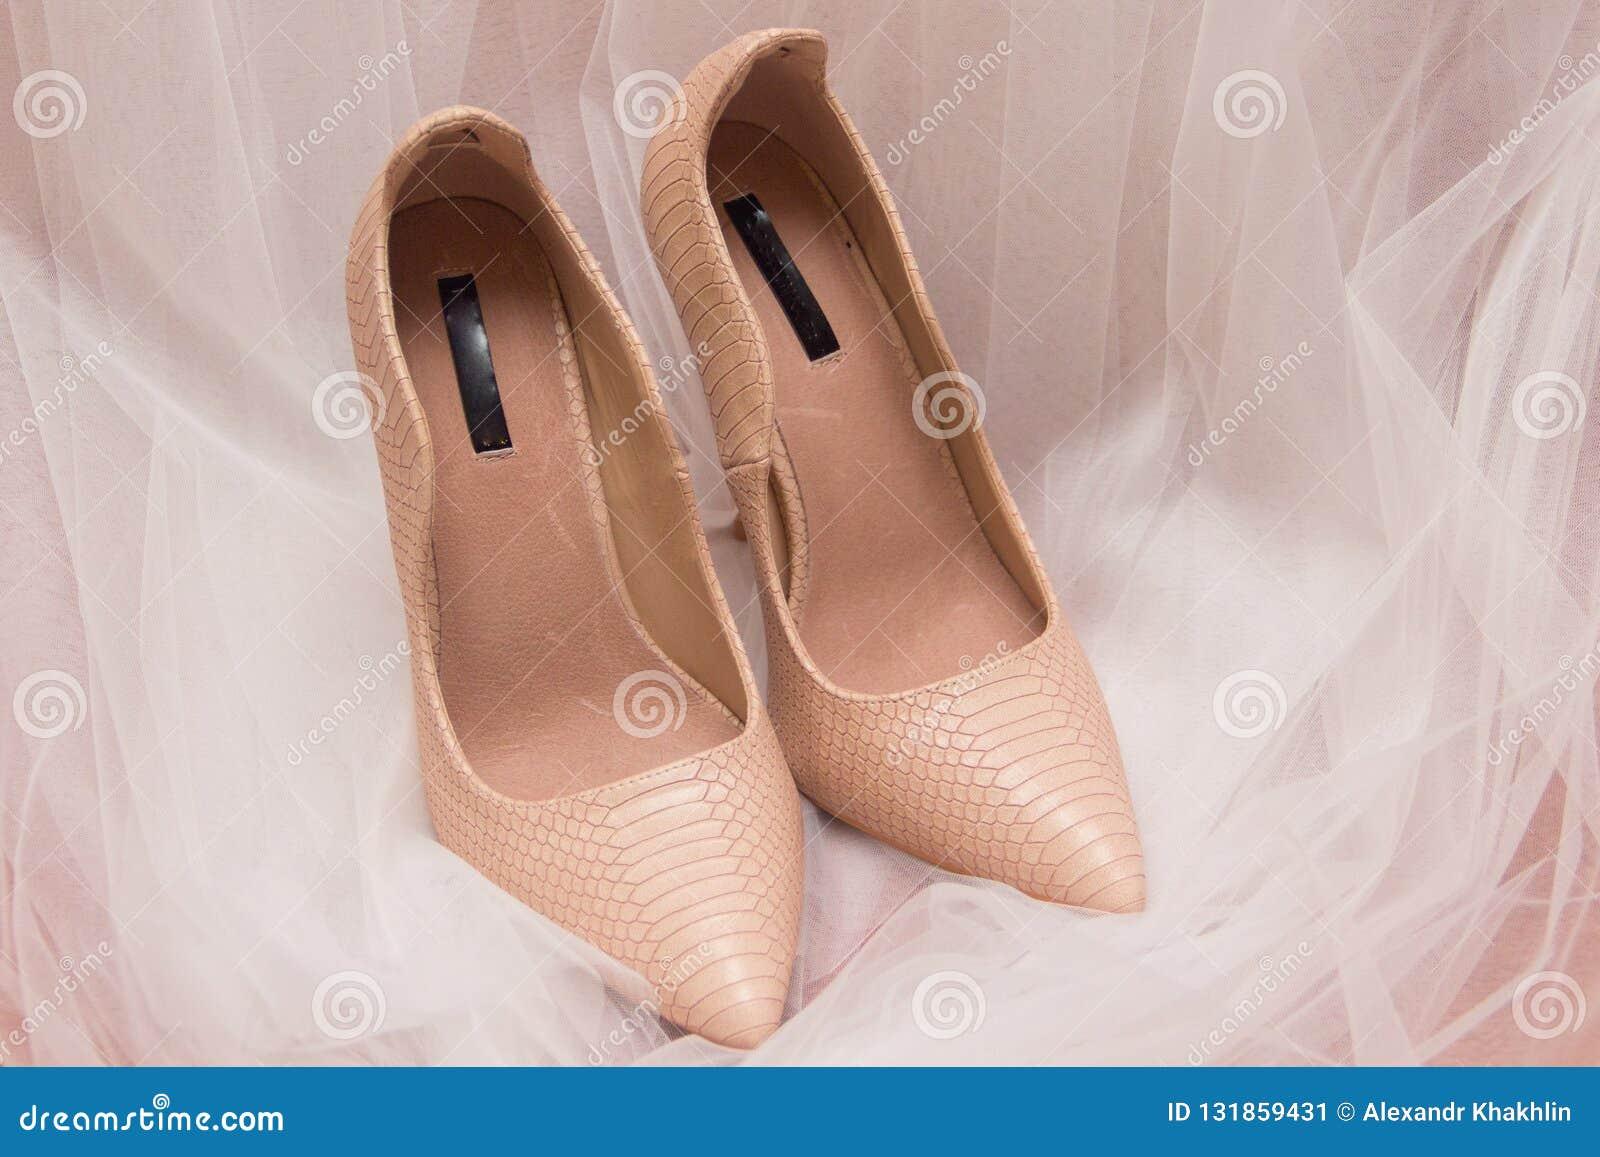 Γαμήλια παπούτσια και άσπρο νυφικού πέπλο γάμου ή